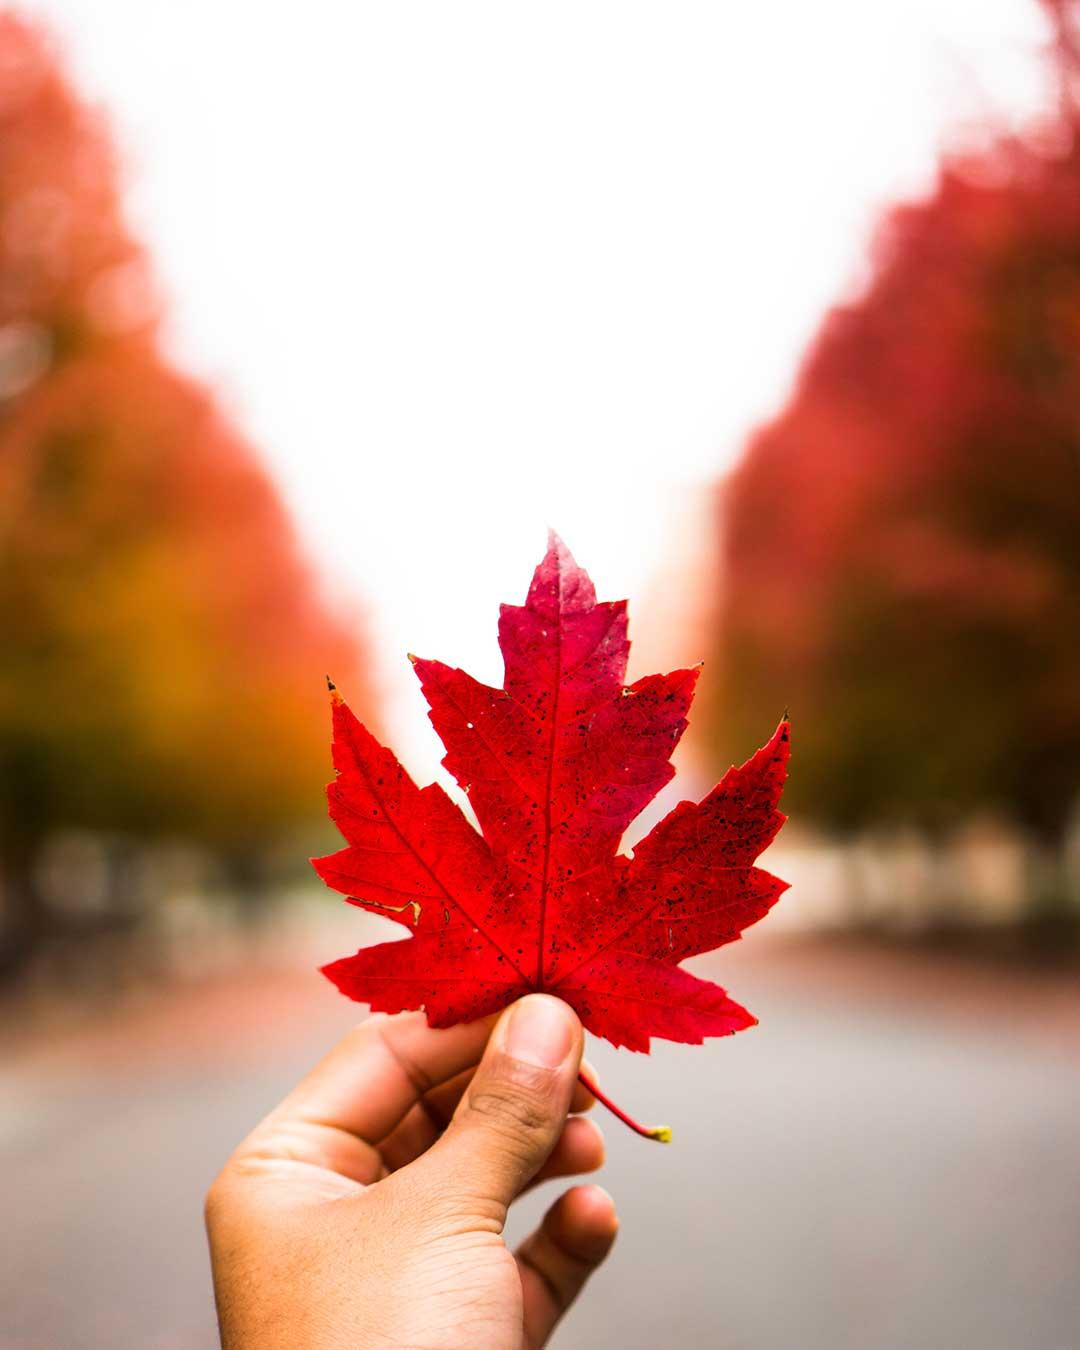 Fotografía otoño: elige el objetivo adecuado / Foto: Aj Gallagher